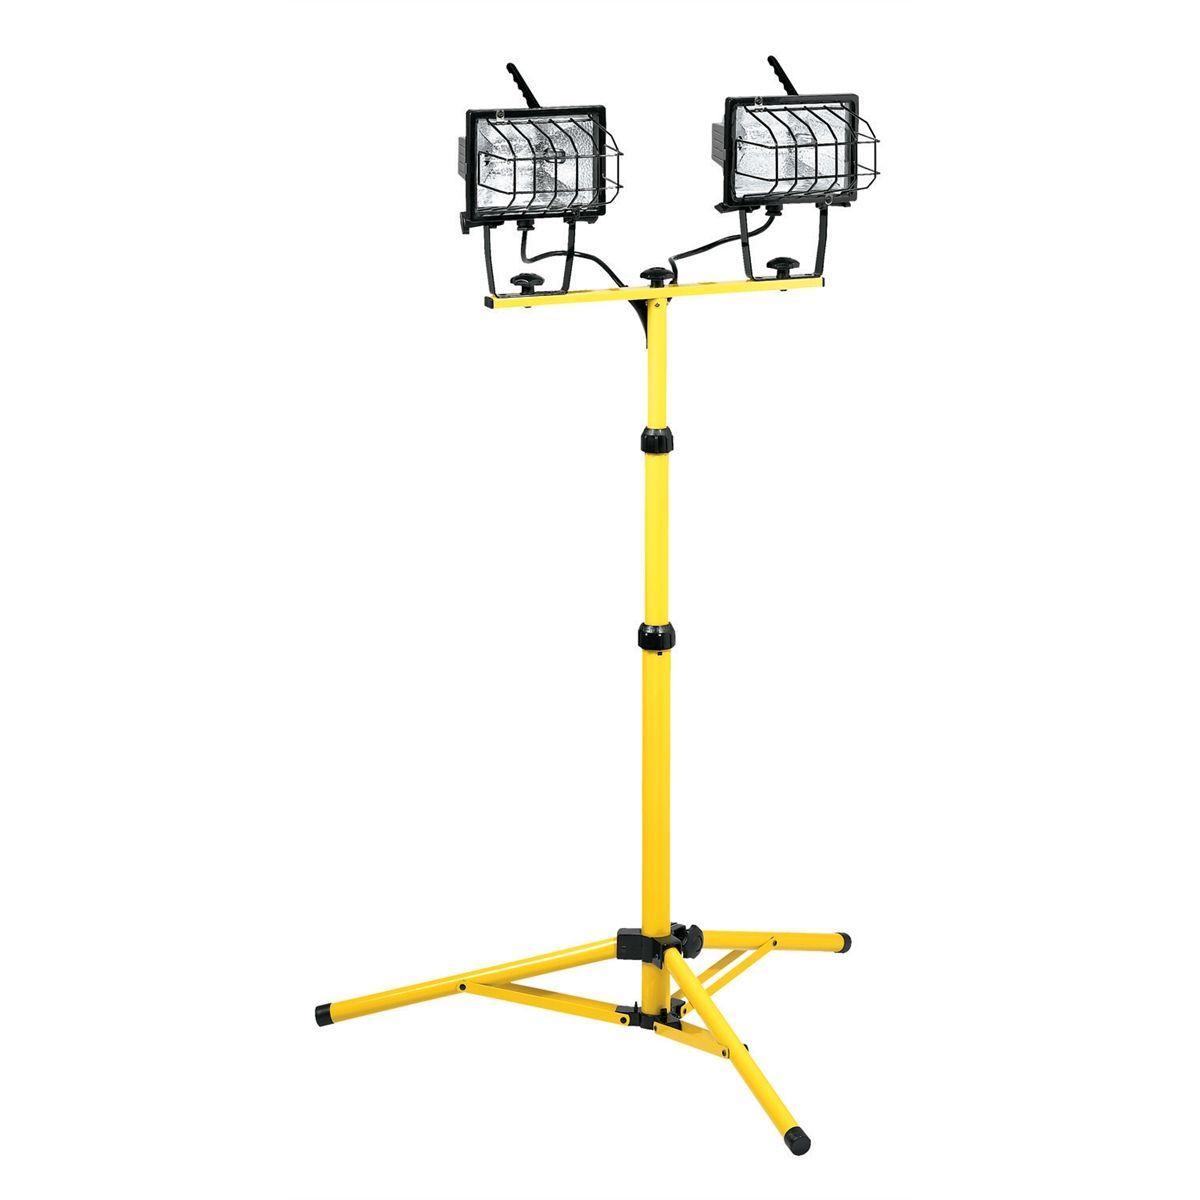 Halogen Lights For Shop: 1000 Watt Halogen Work Light With 5' 18/3 SJTW Cord